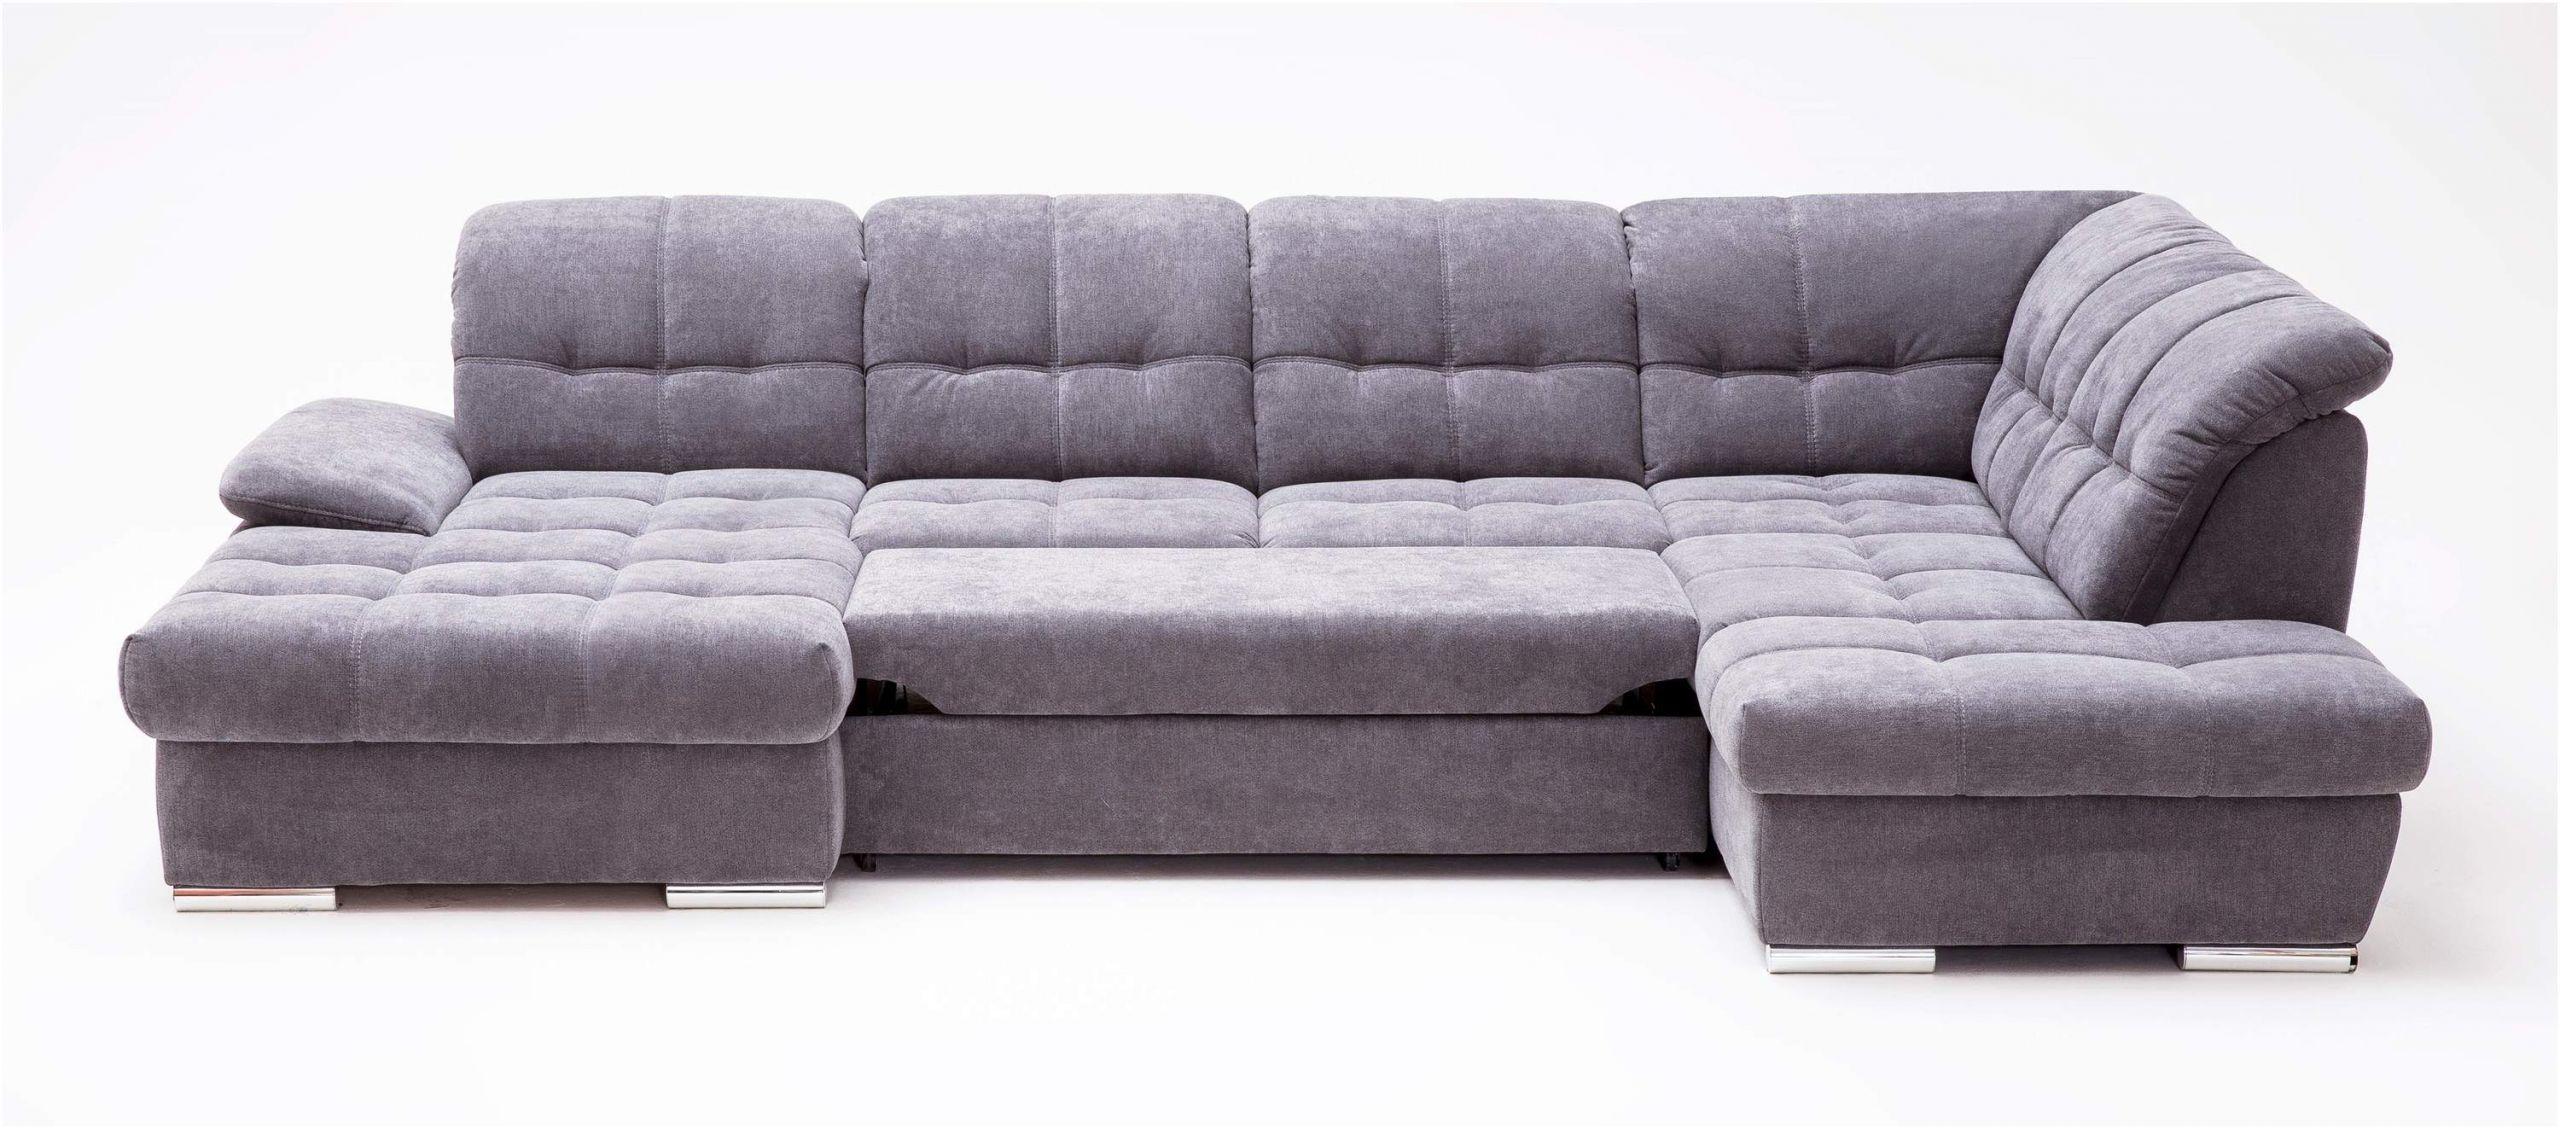 40 sessel mit liegefunktion design i8gbjgje of relaxsessel mit liegefunktion